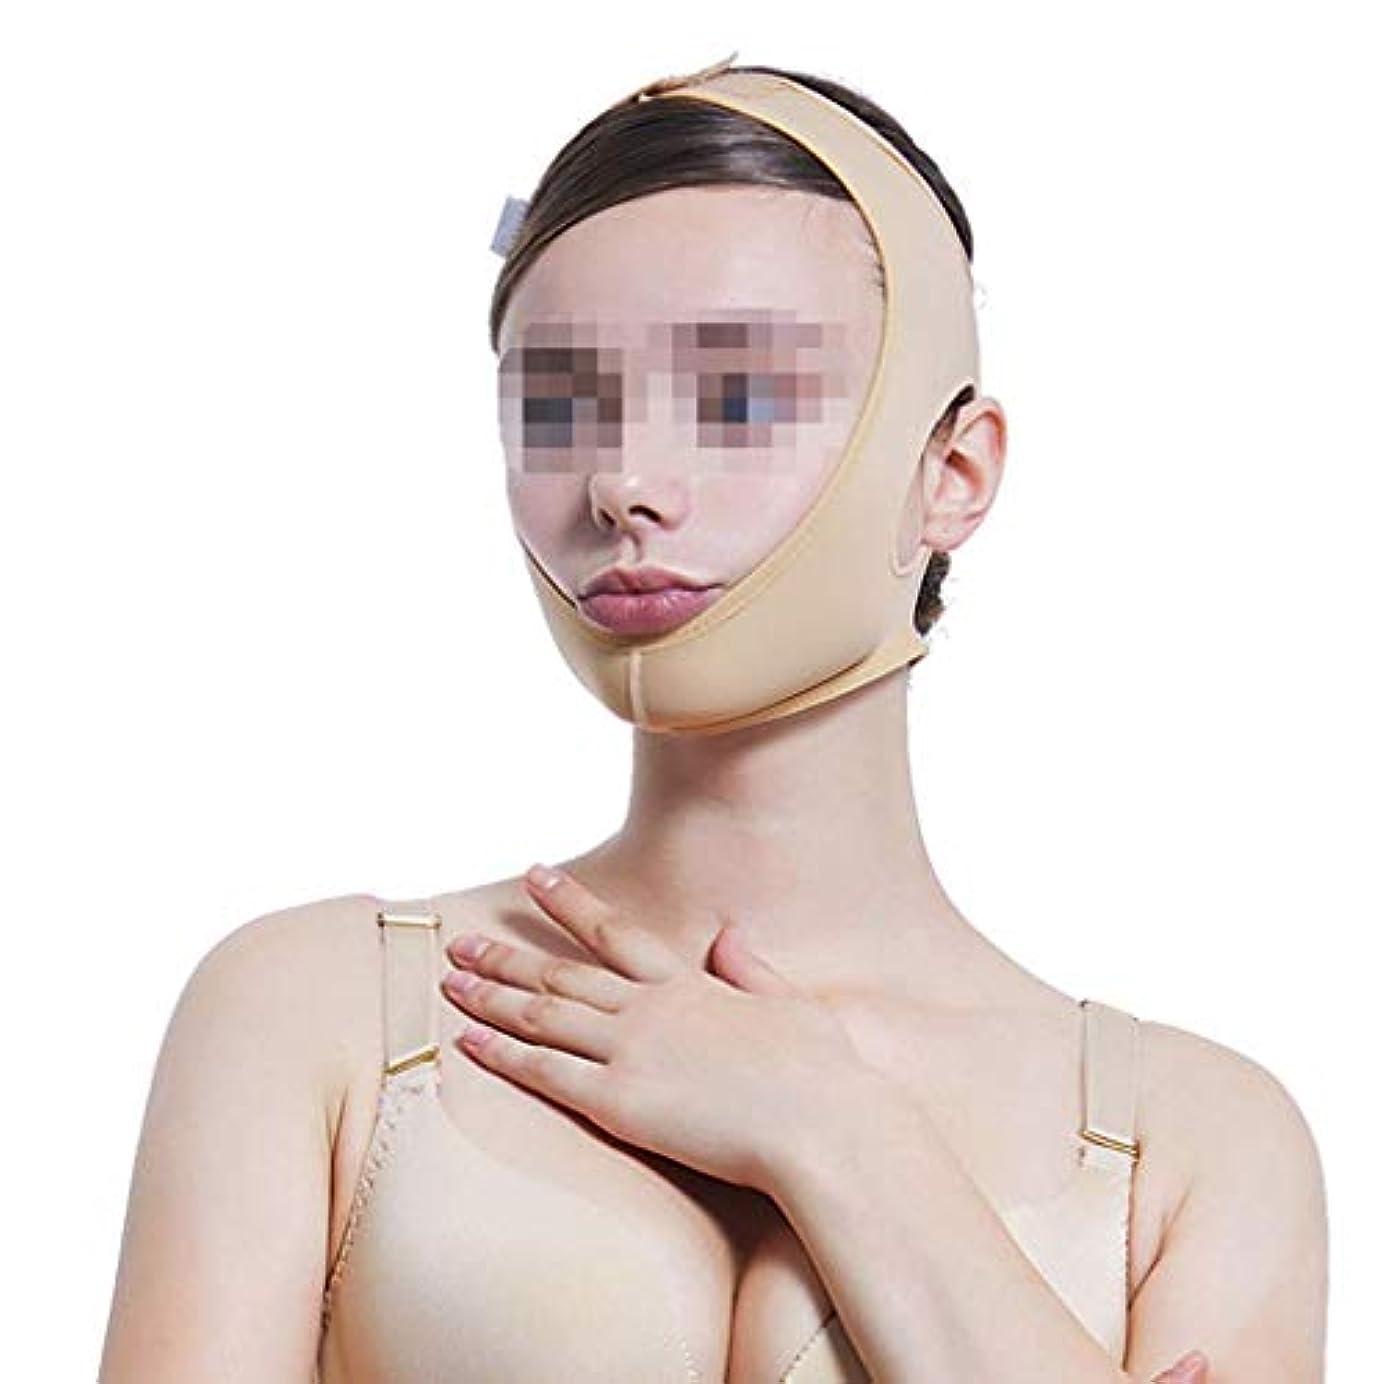 クラウド強盗表面ビームフェイス弾性ヘッドギア、ダブルあごのあごのセットをマスクの後に線彫り薄いフェイス包帯マルチサイズオプション(サイズ:XS),XS